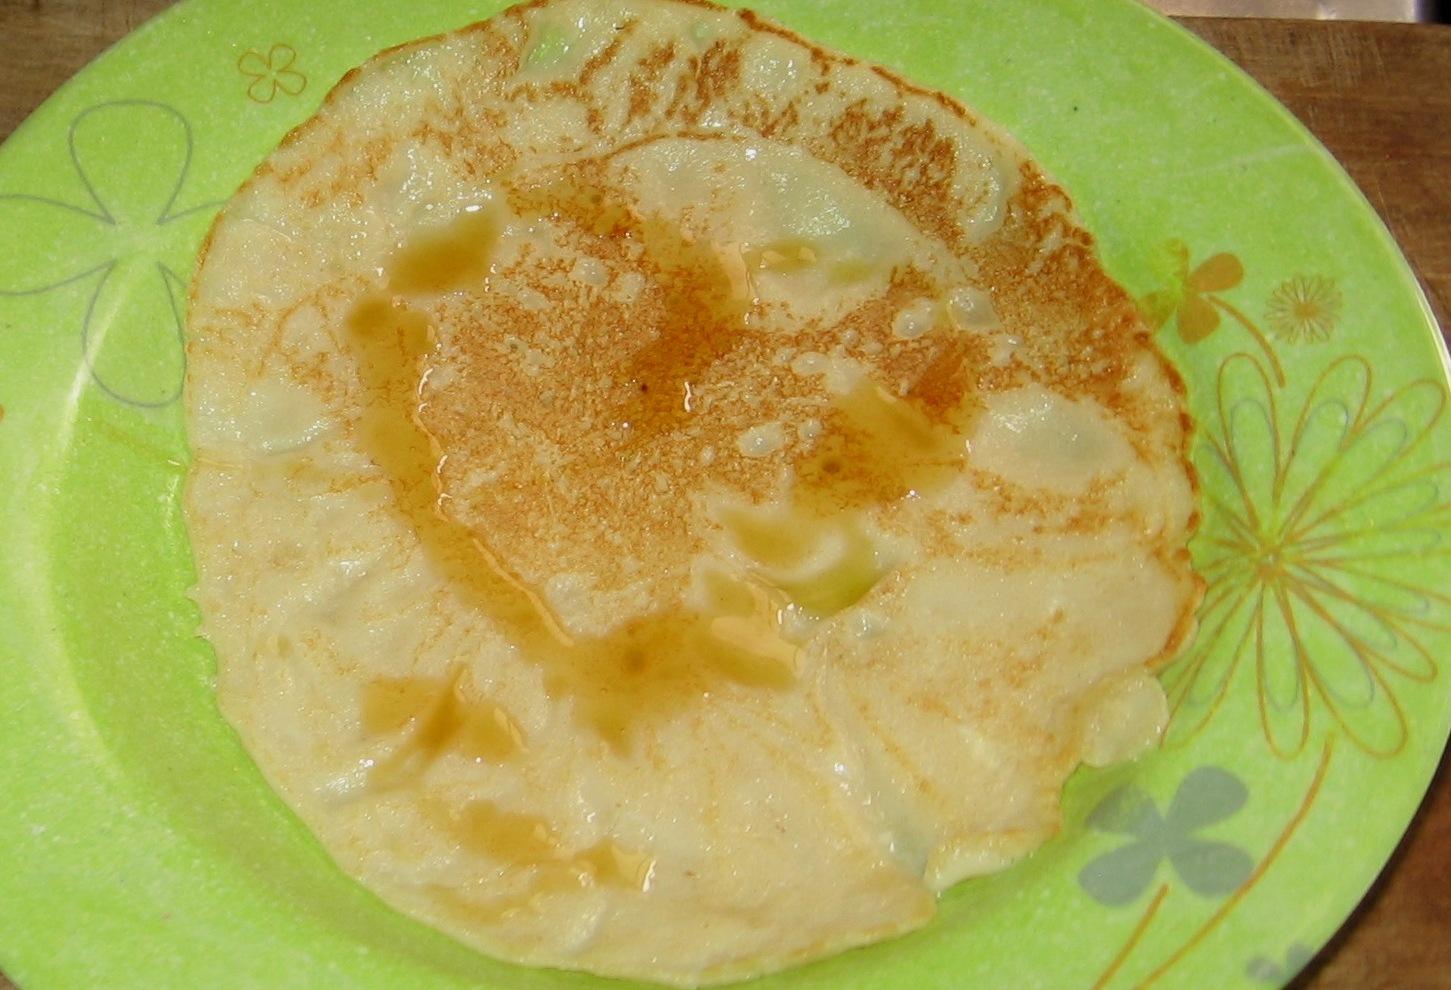 plain pancake with honey for honey lovers